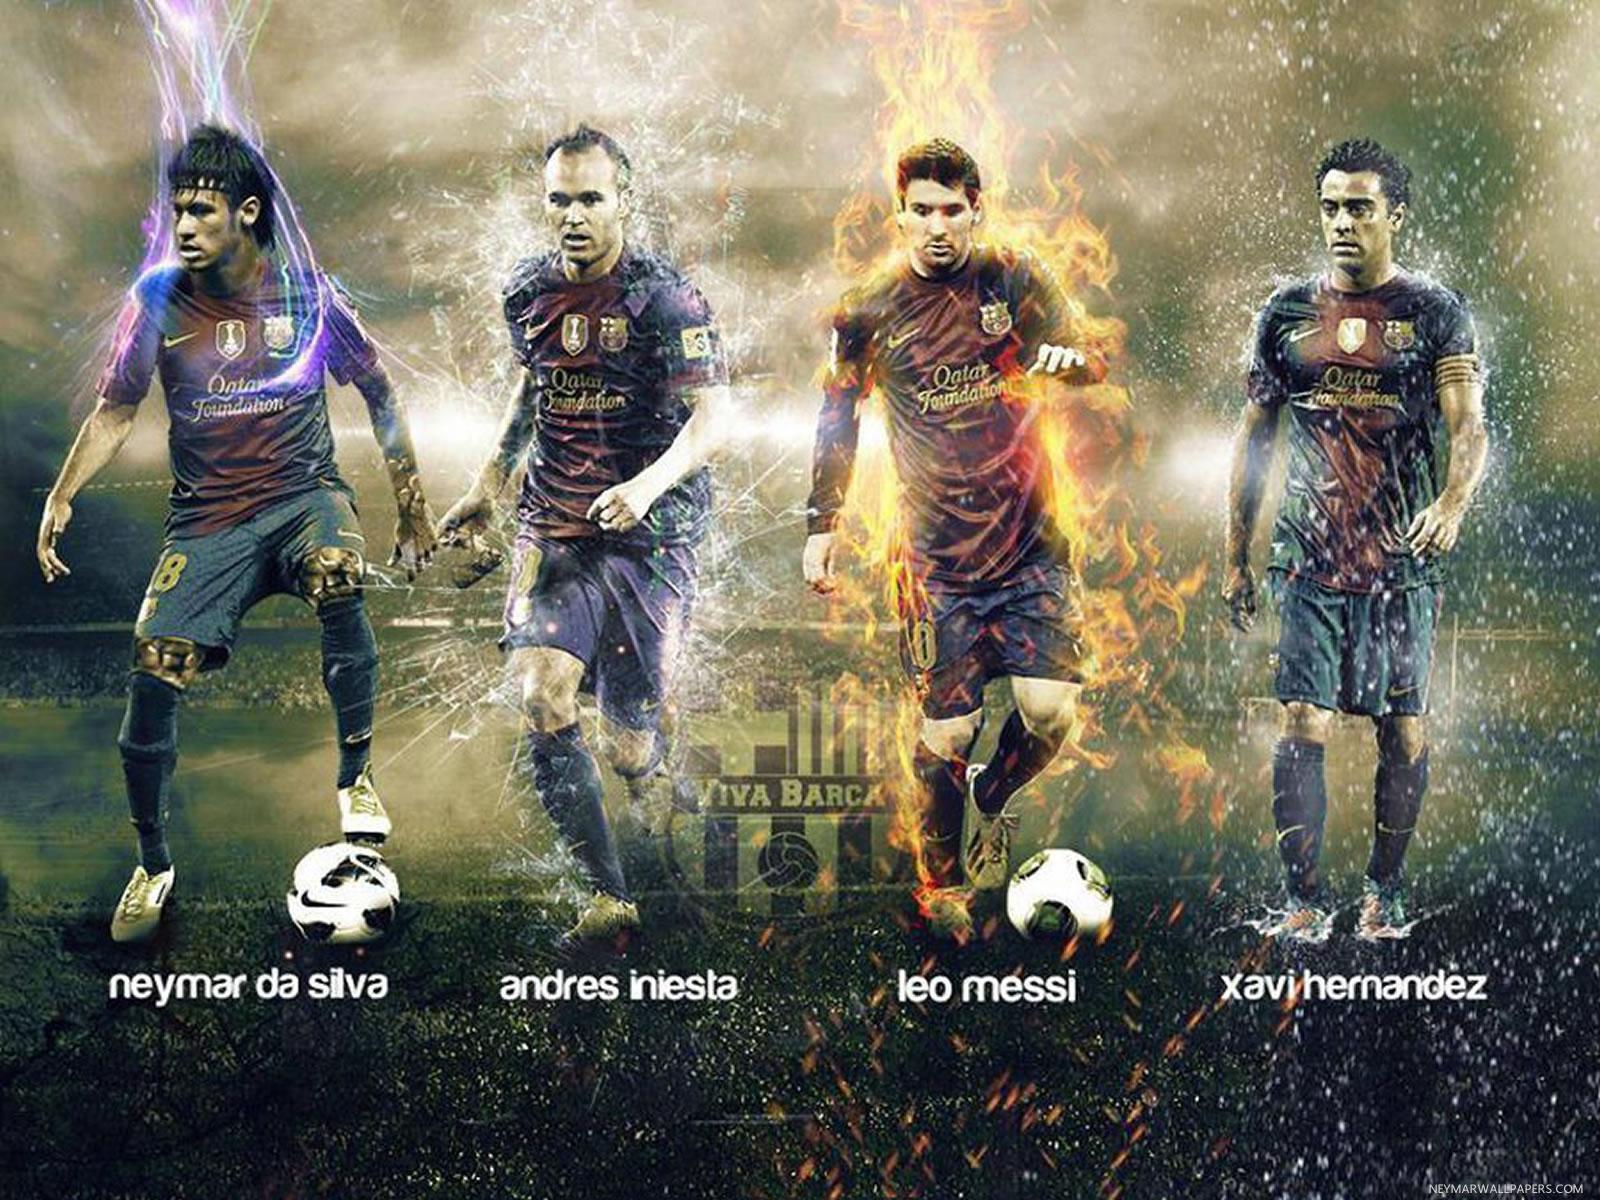 Neymar Iniesta Messi and Hernandez wallpaper   Neymar Wallpapers 1600x1200